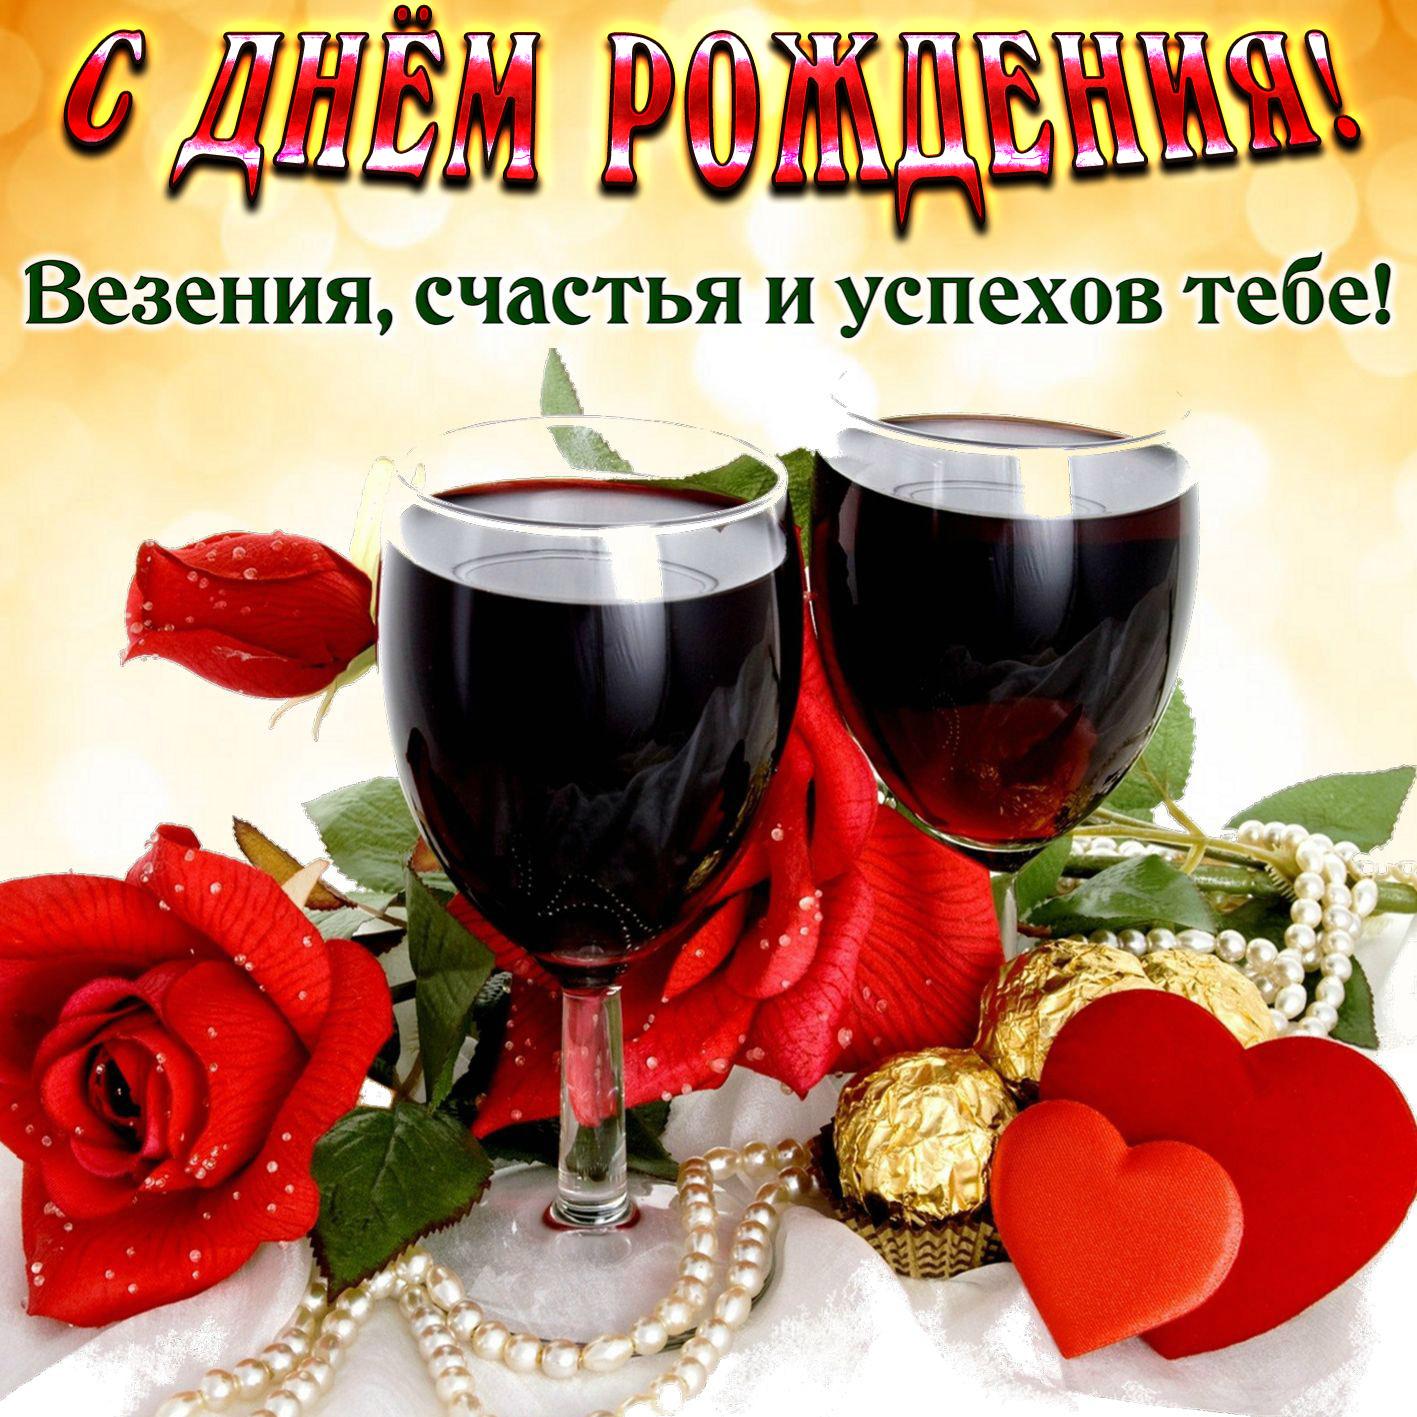 Открытка на День рождения - бокалы с вином на красивом фоне